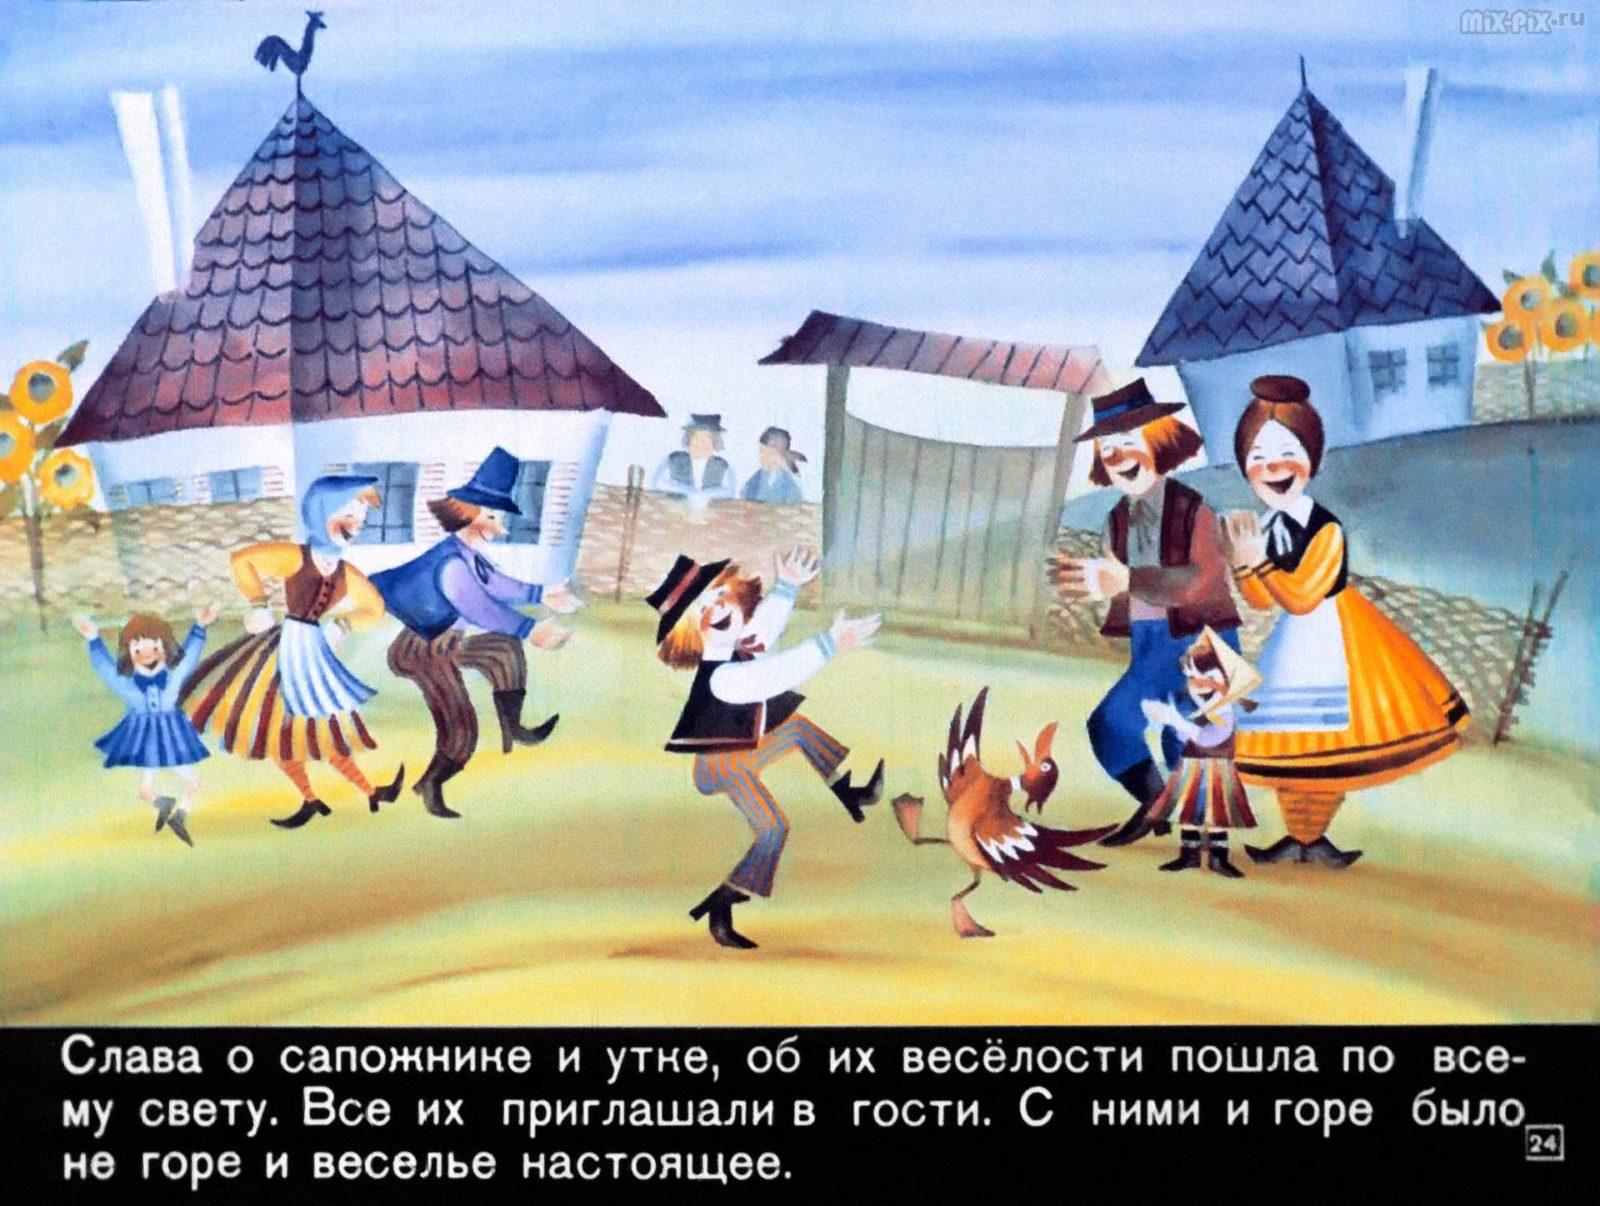 Сапожник Копытко и утка Кря (1972) 34